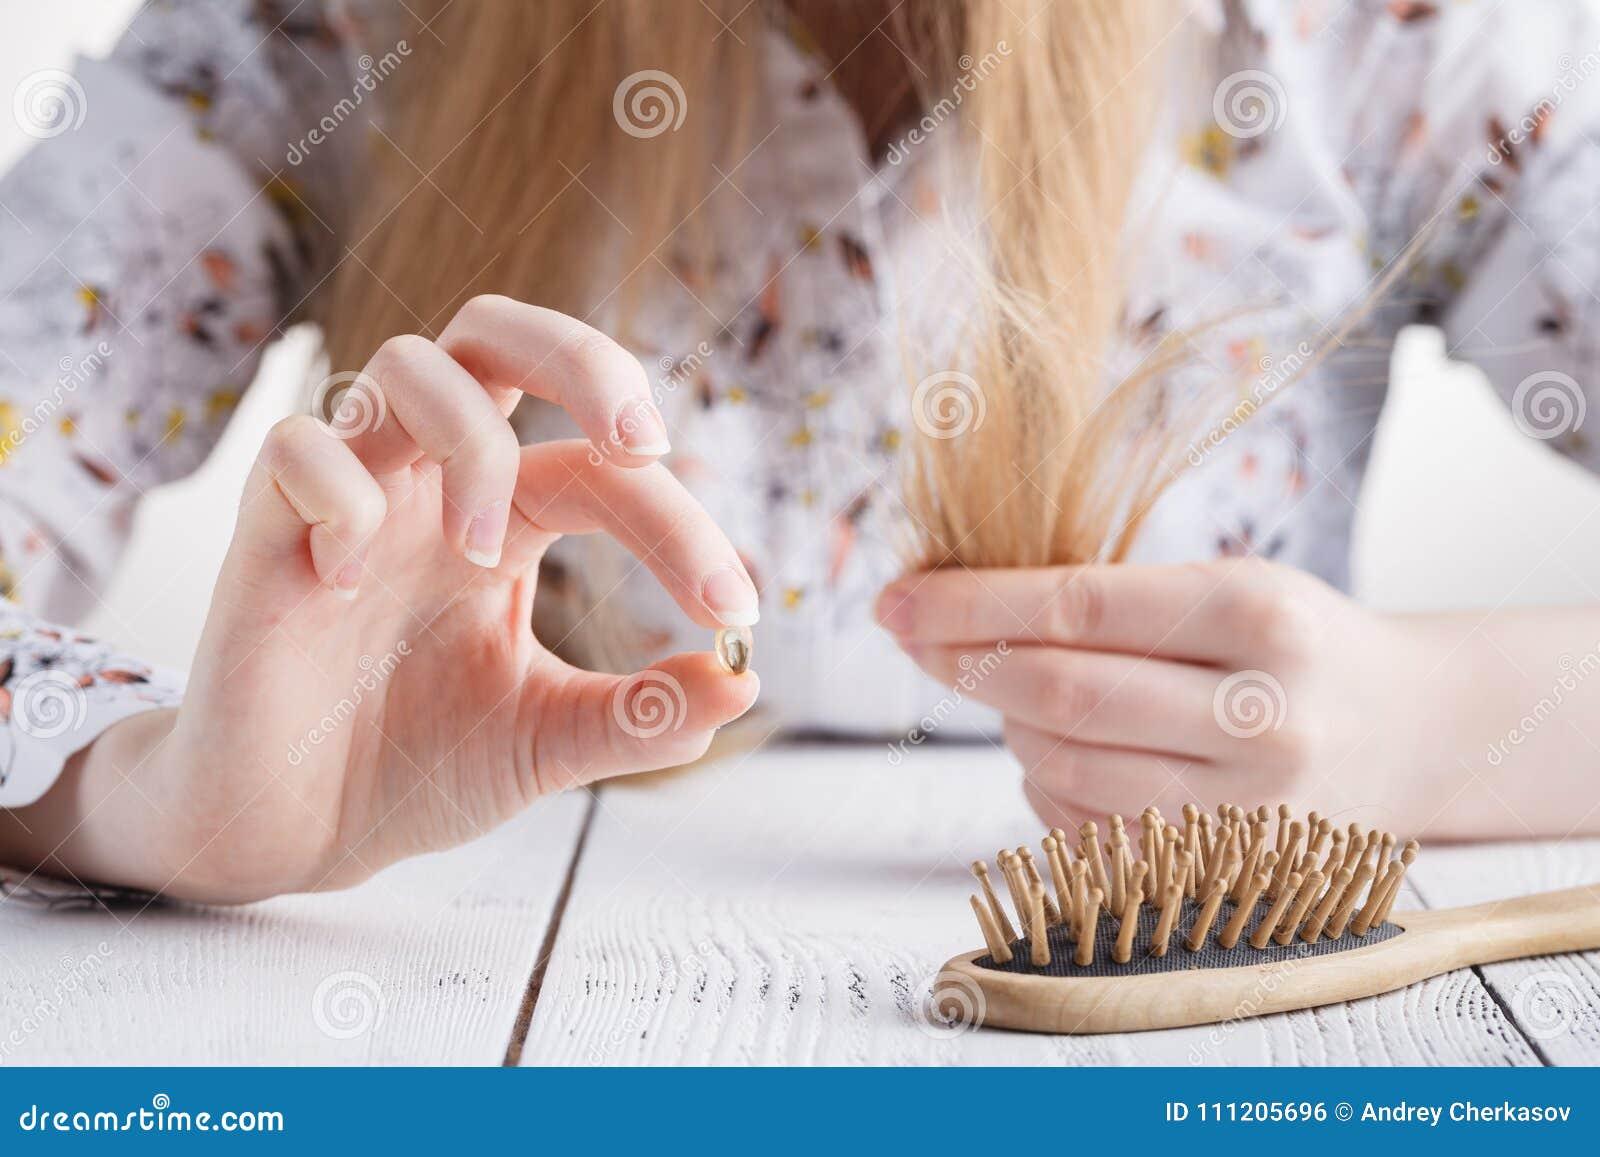 Benötigen Sie mehr Vitamine, Frau mit Haarproblemen, verlorenes Haar auf Kamm